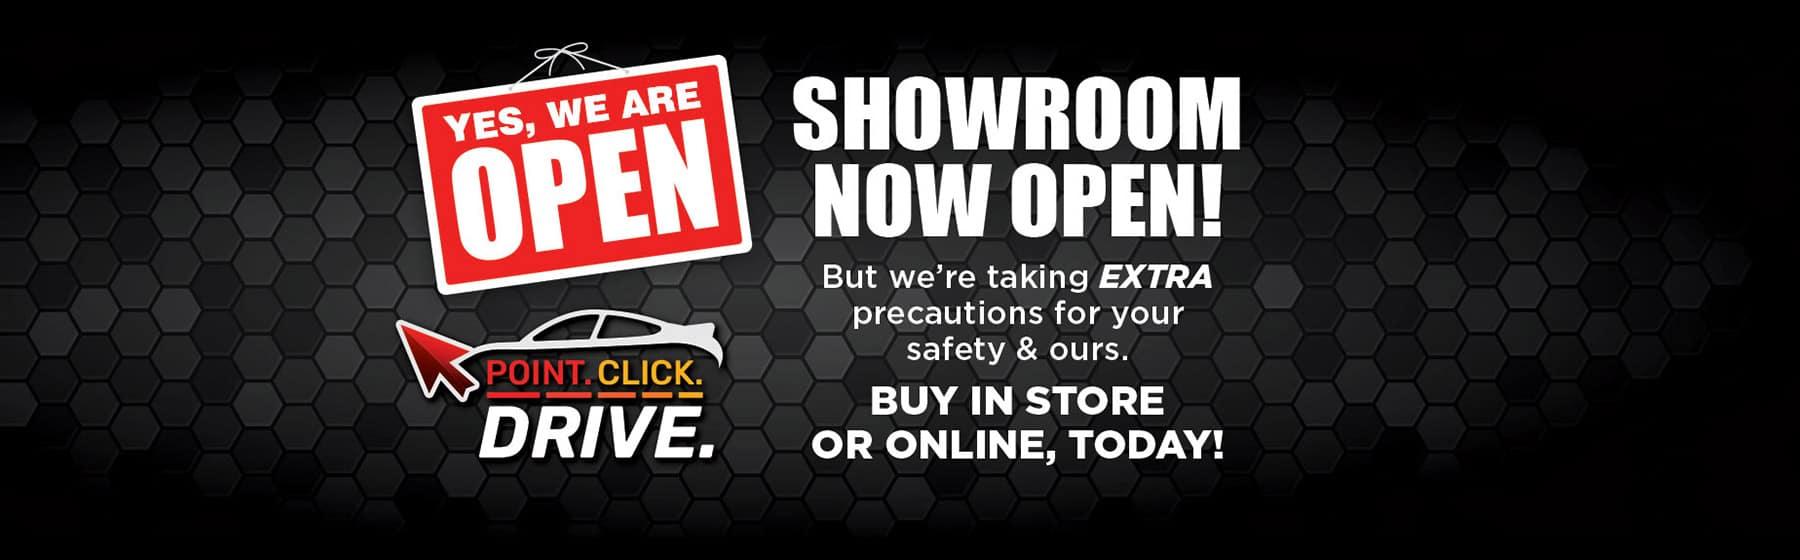 Showrooms Now Open